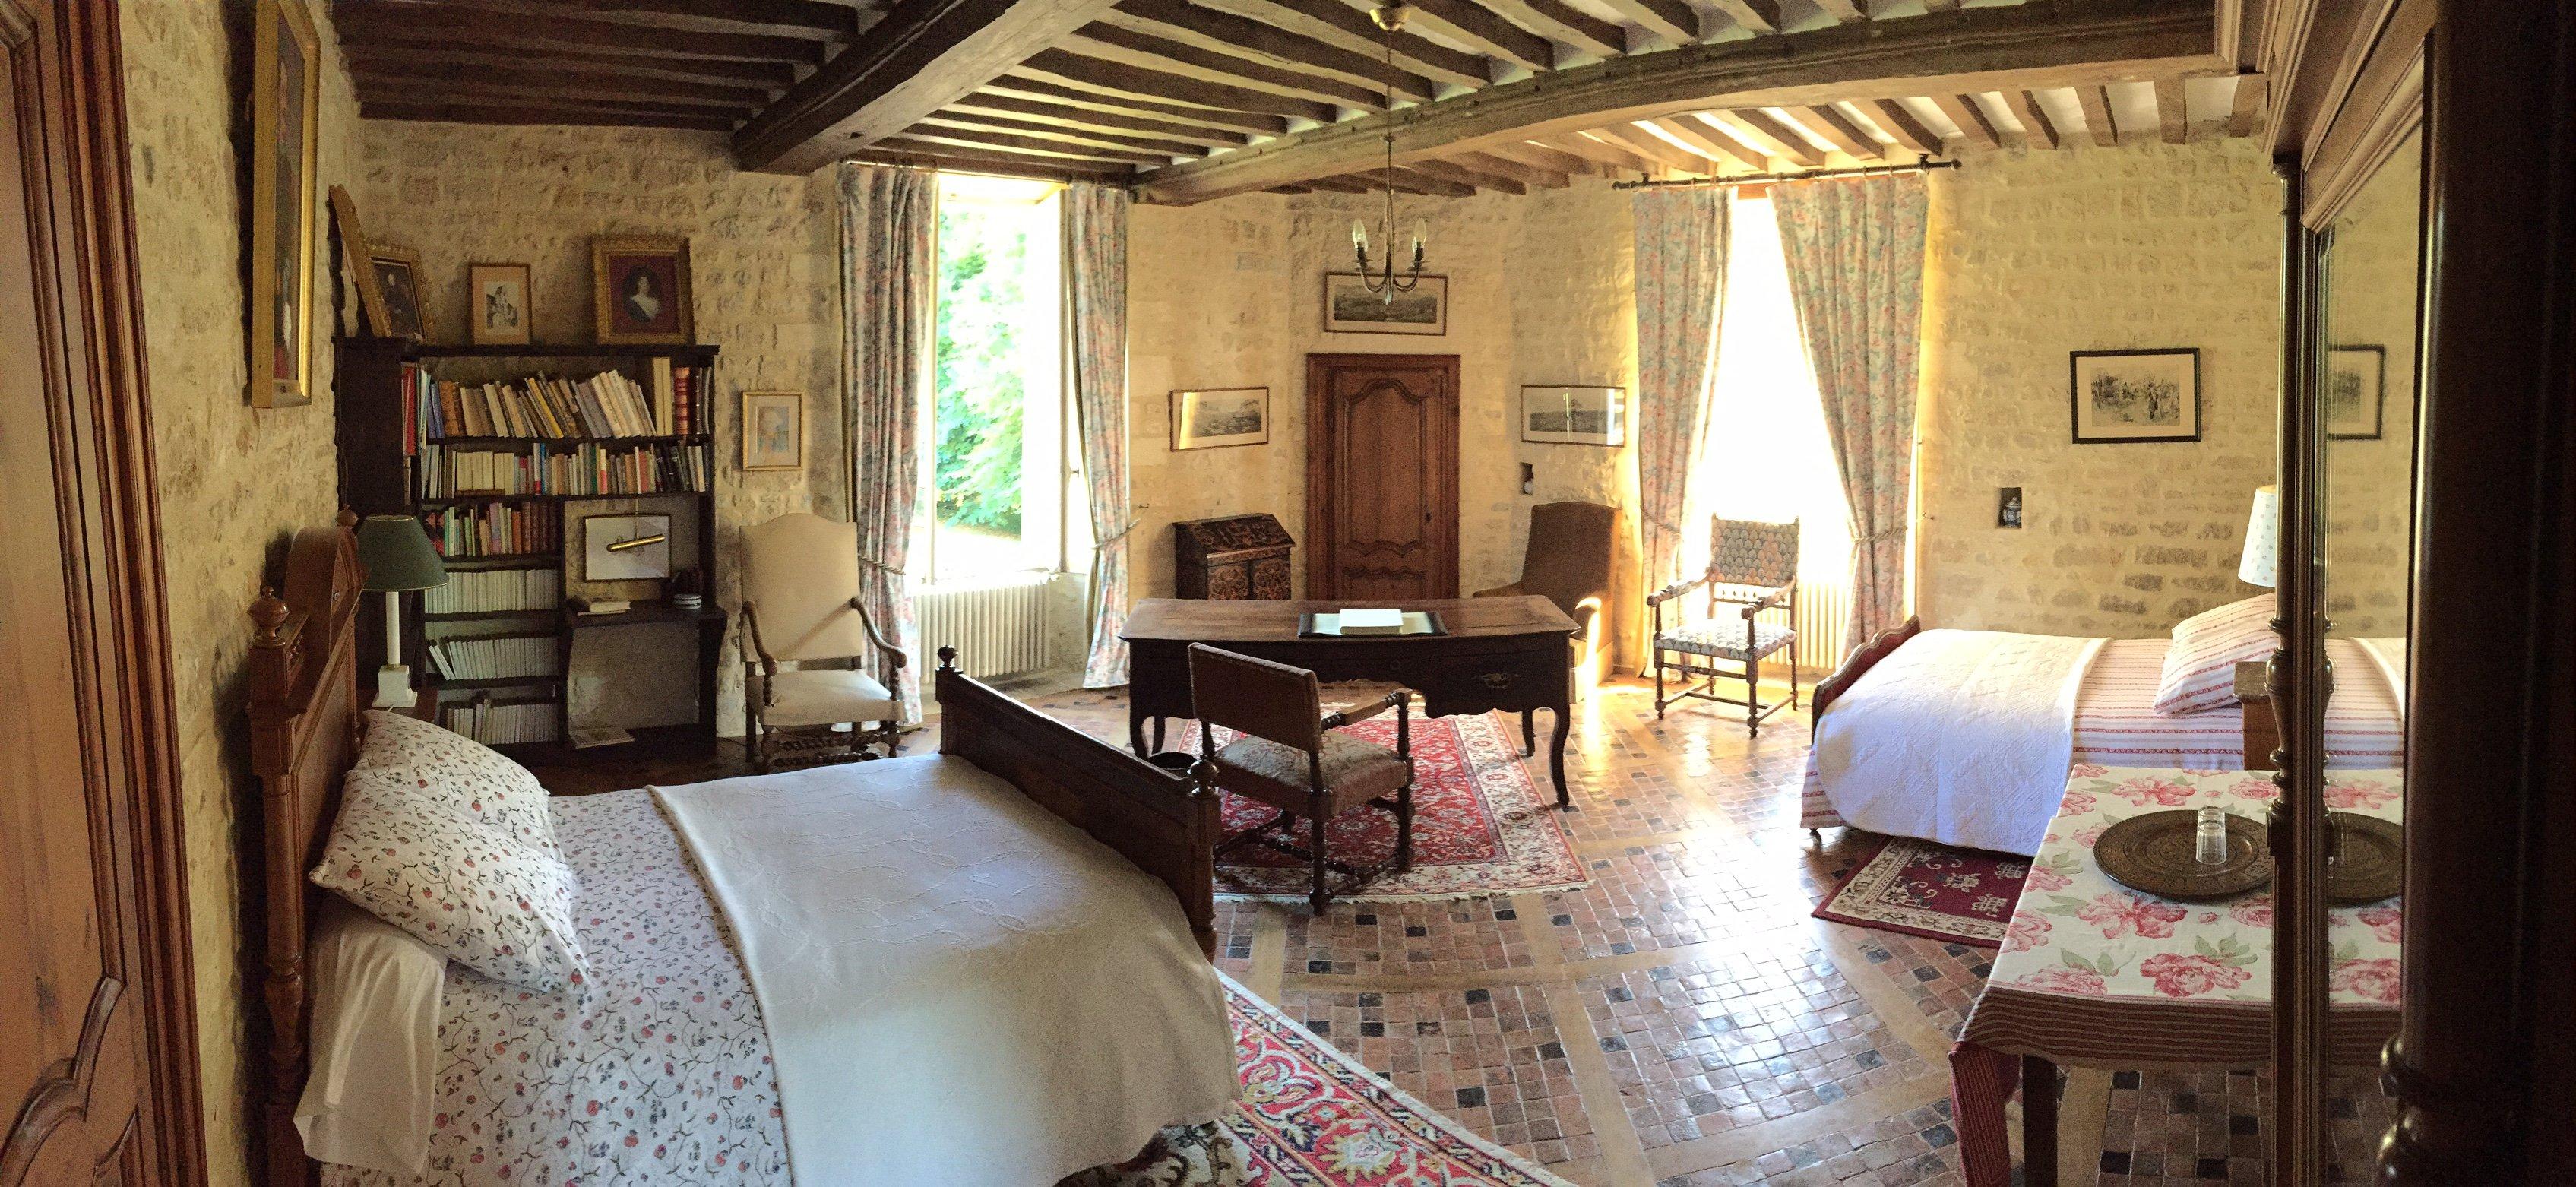 Chateau d'Asnieres-en-Bessin